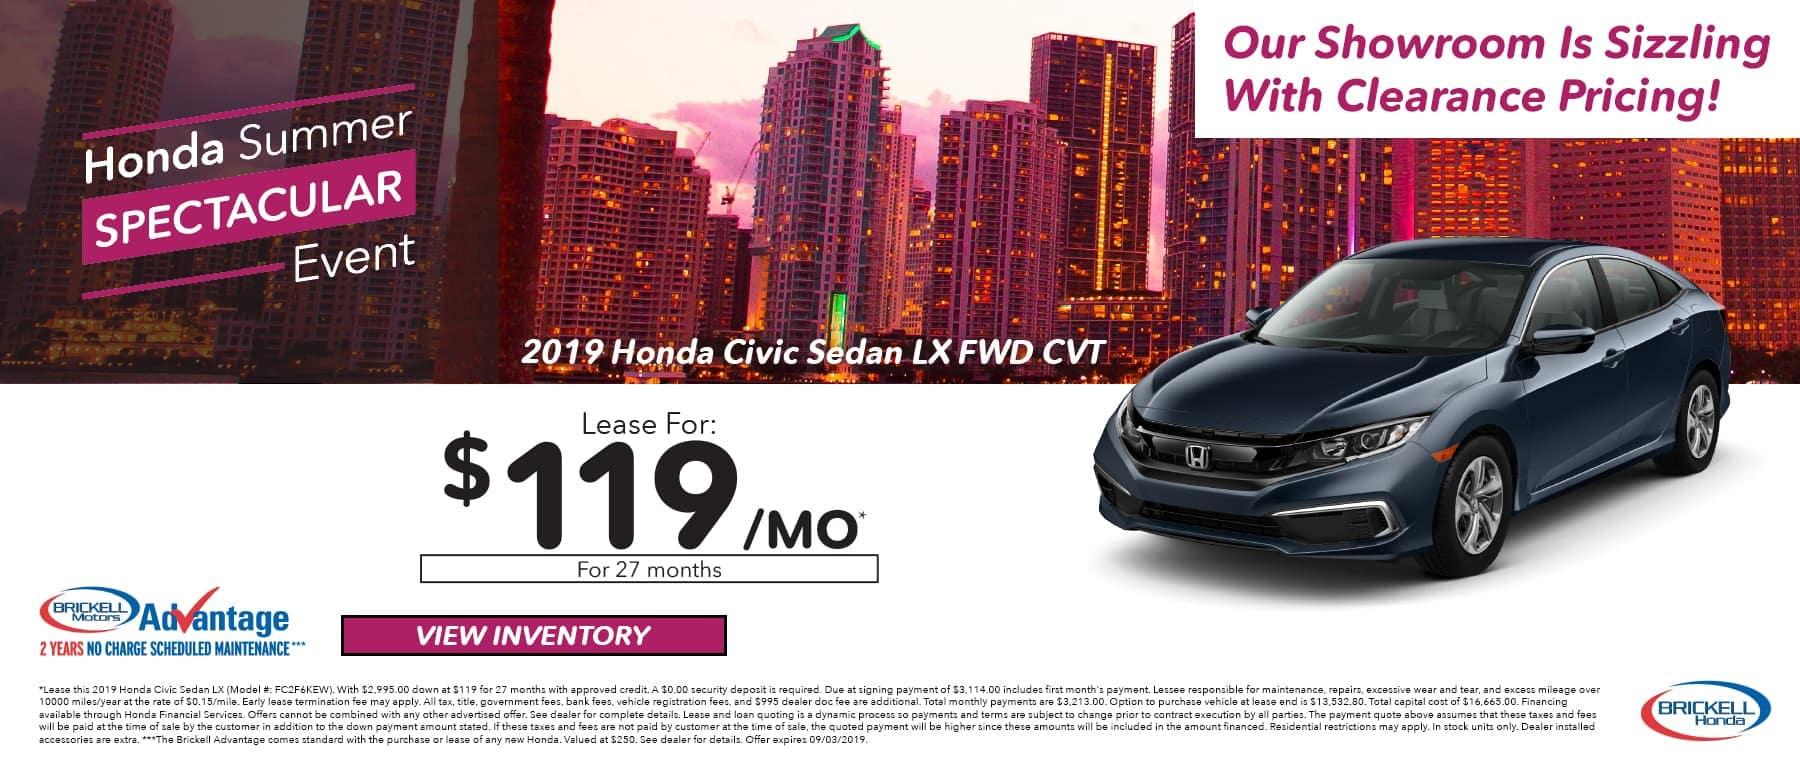 Brickell Honda Summer Spectacular Event on 2019 Honda Civic